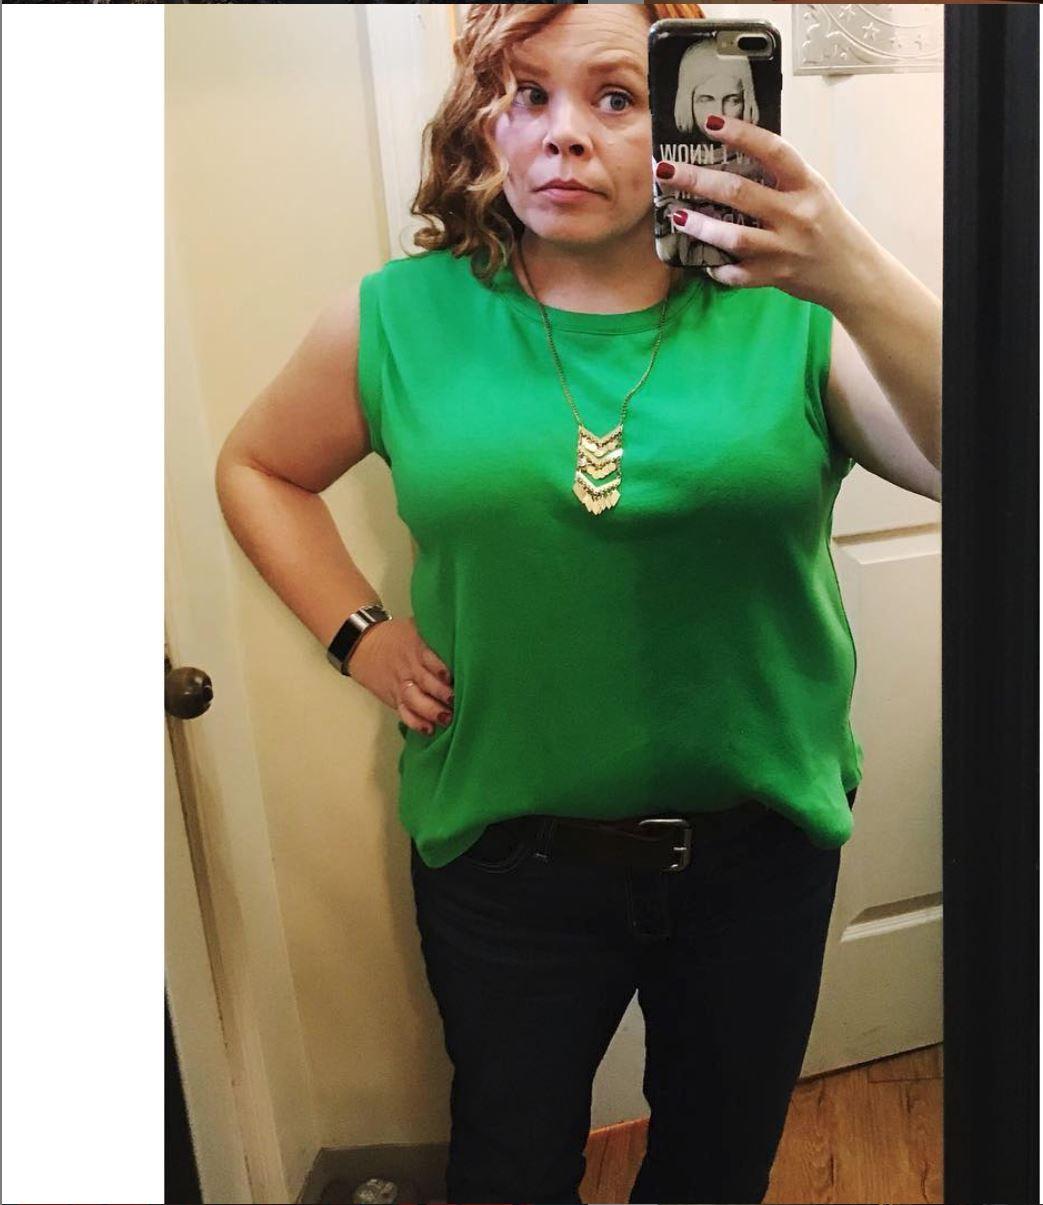 Green t-shirt selfie